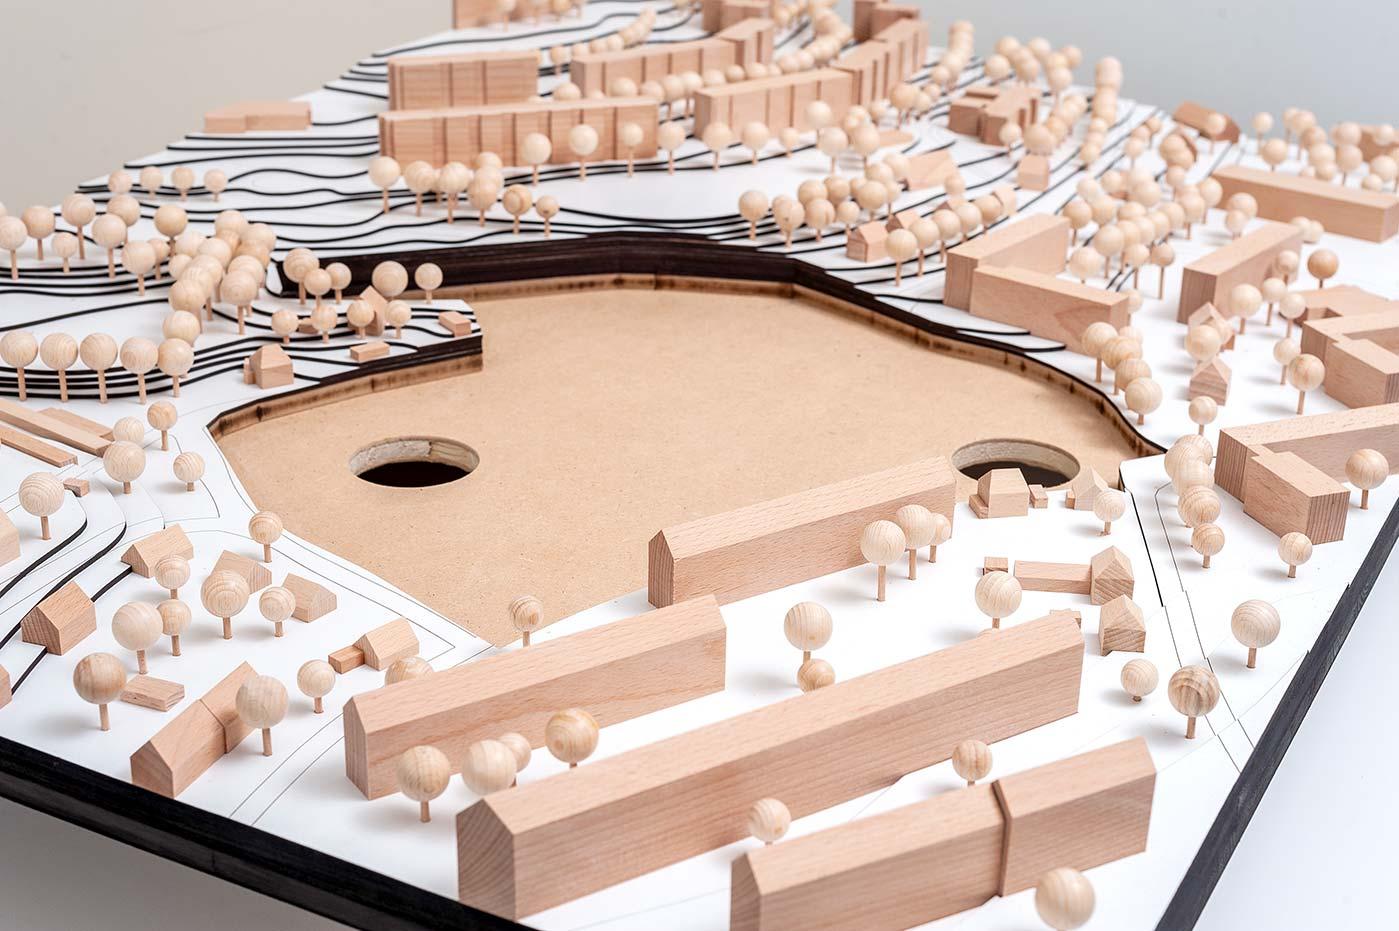 Architektur modell hochschule wismar architektur